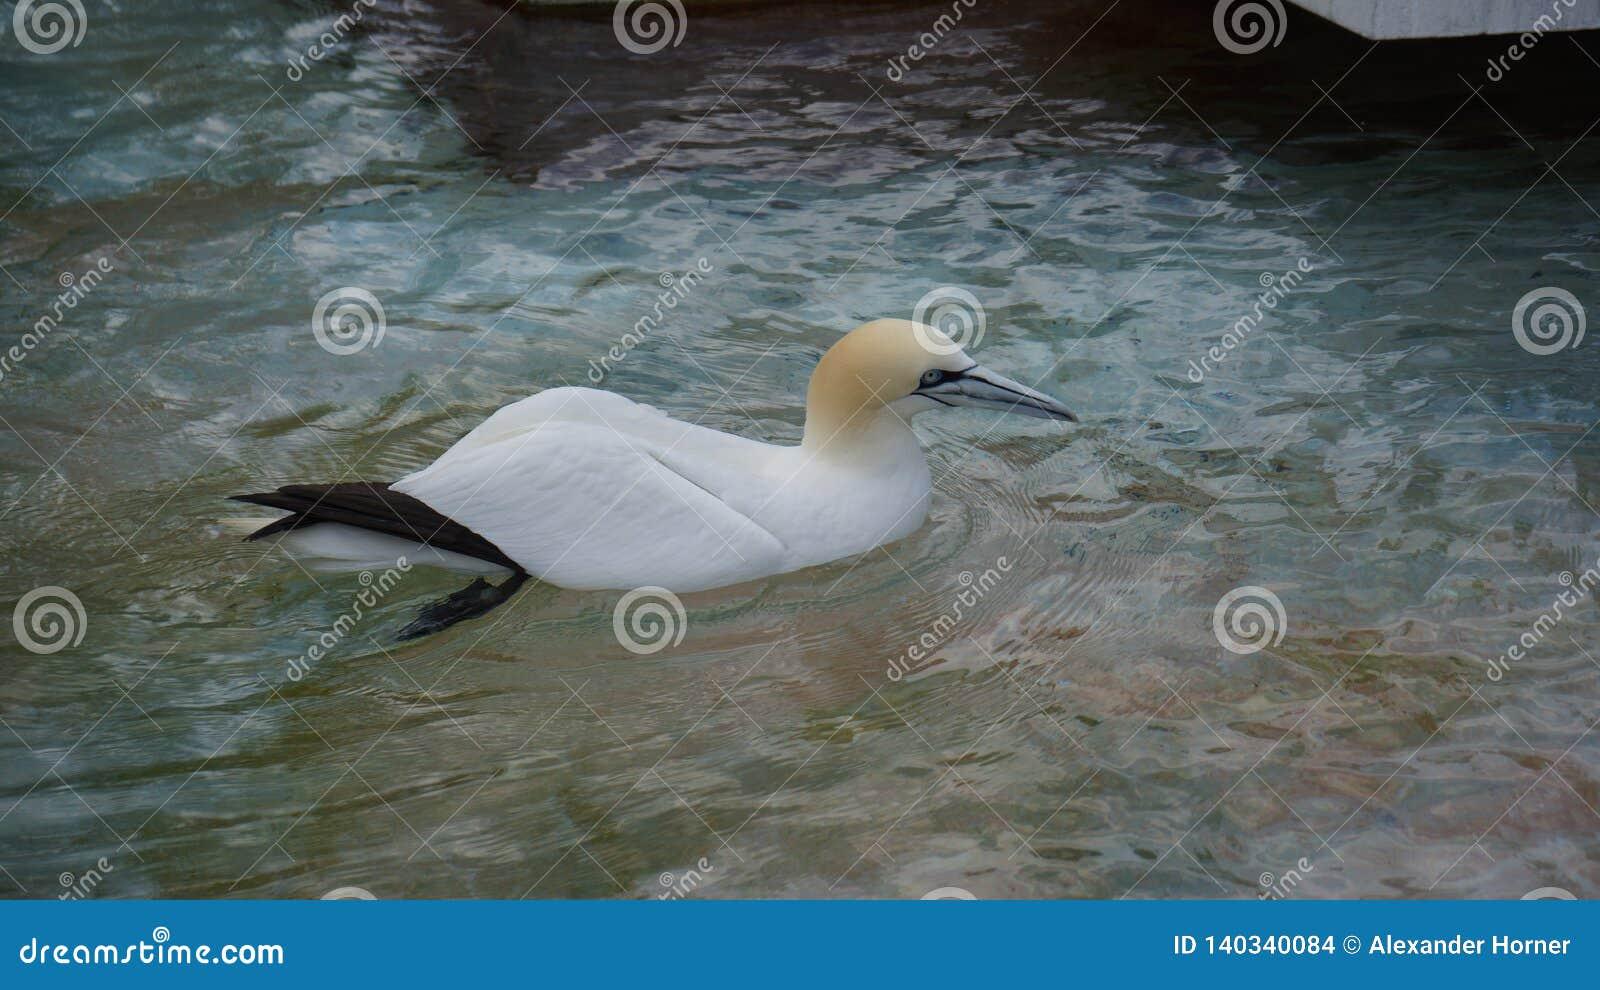 Australian gannet floating in Sea water